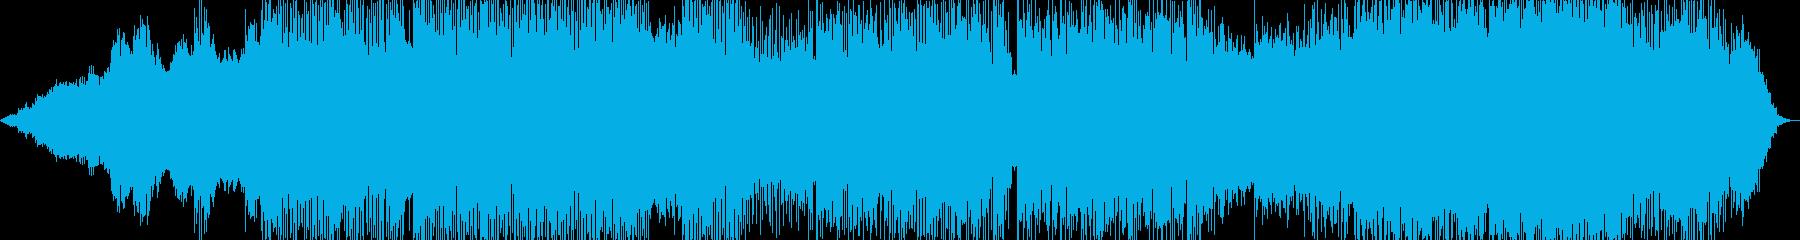 エレクトロニック サスペンス お洒...の再生済みの波形